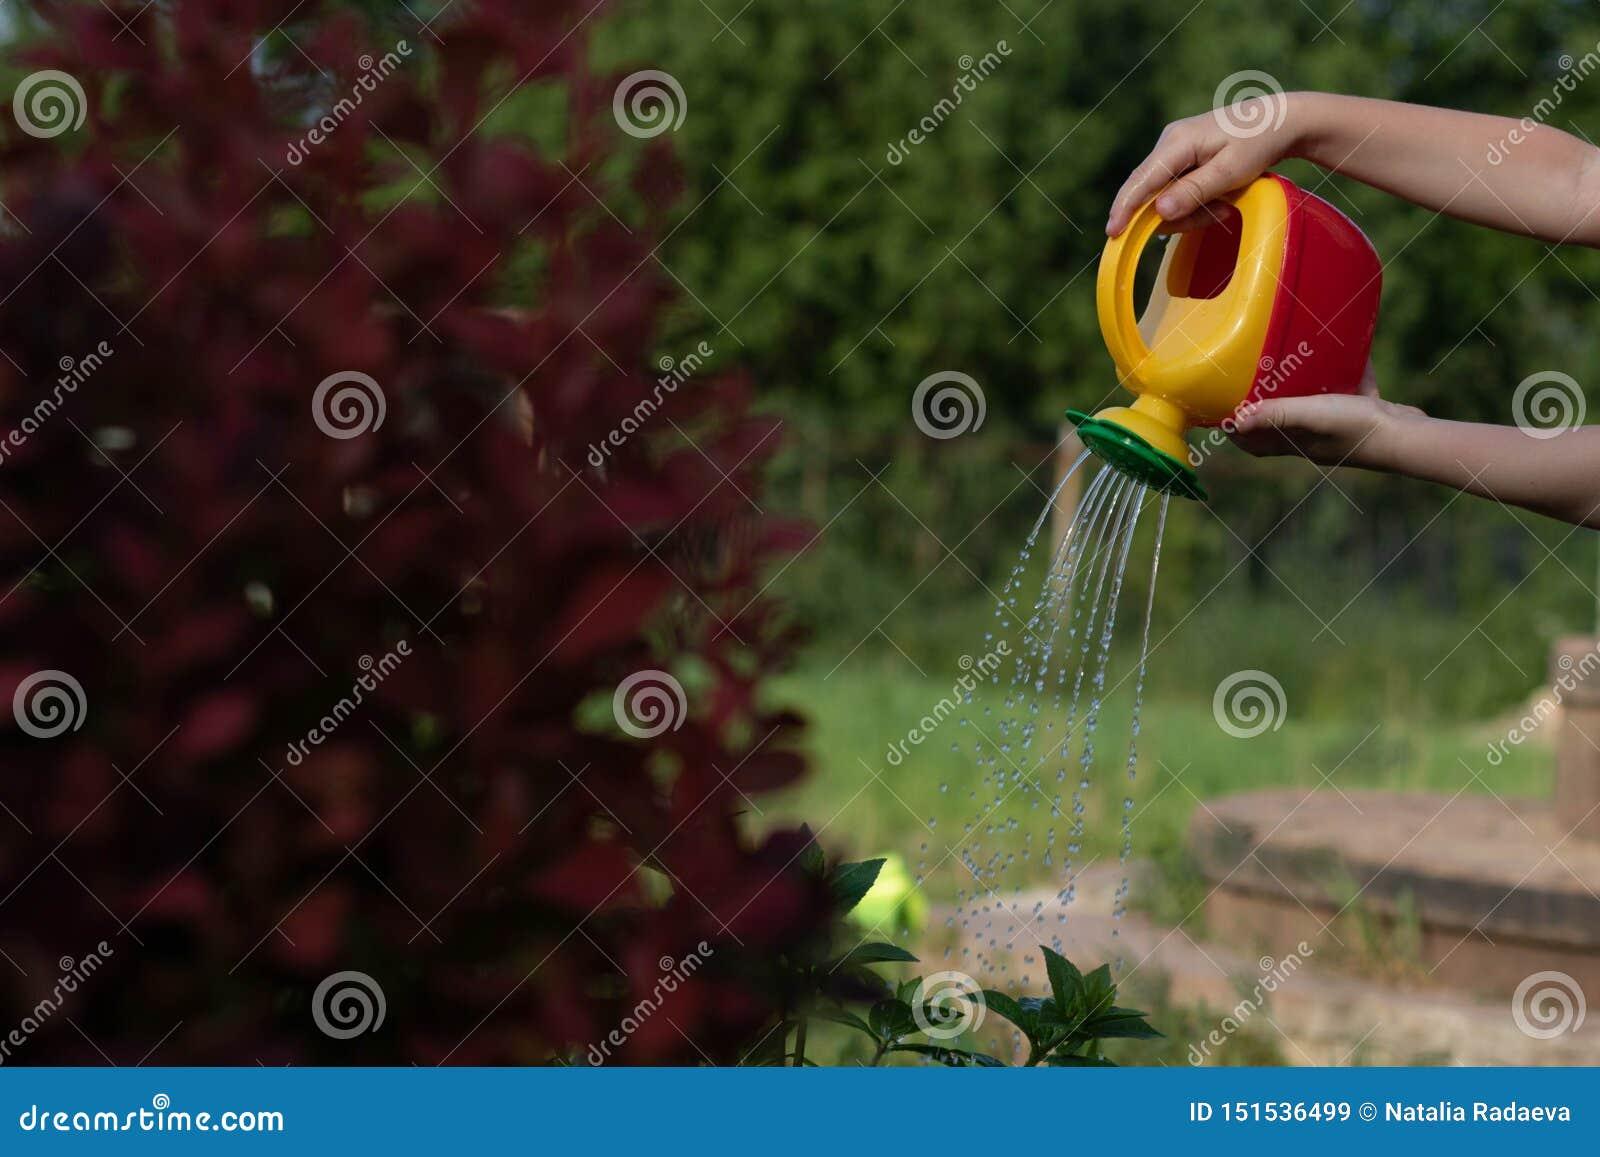 Enfant arrosant un arbuste d une boîte d arrosage rouge-jaune La photo montre les mains d un enfant, aucun visage L enfant aide l